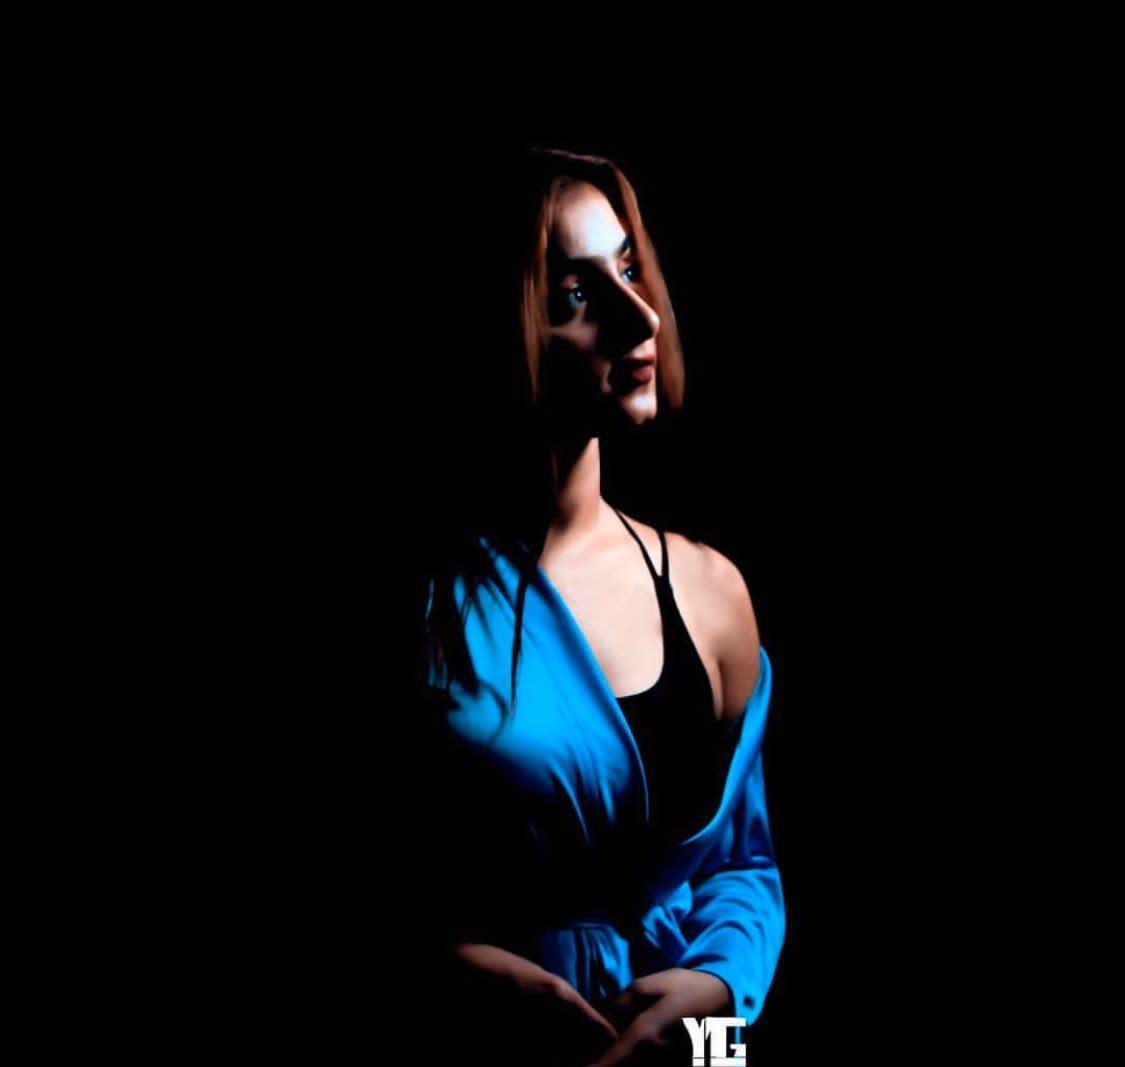 aliya ojha black background